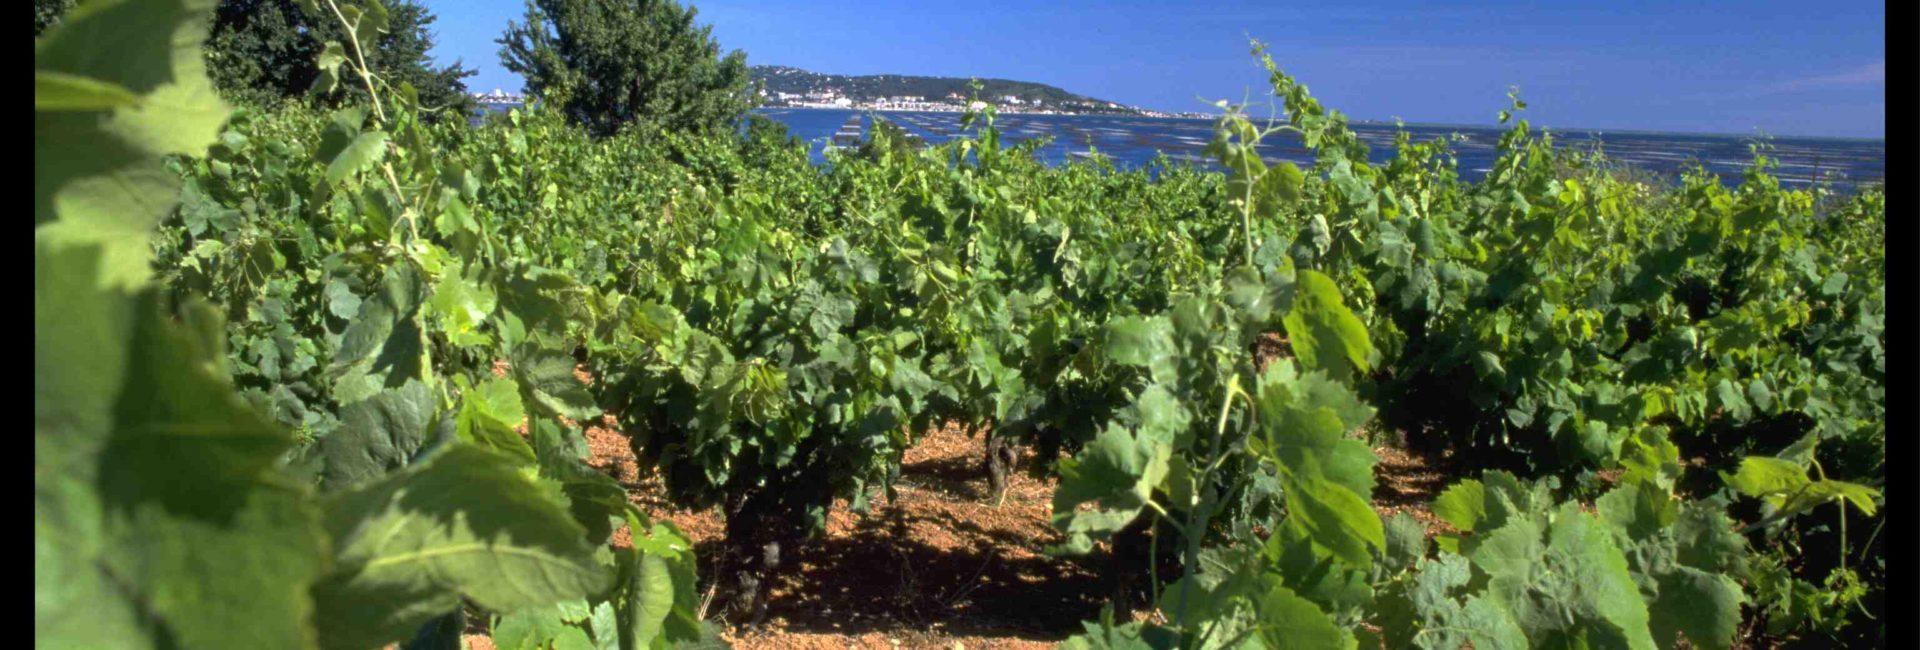 le vignoble de l'appellation picpoul-de-pinet